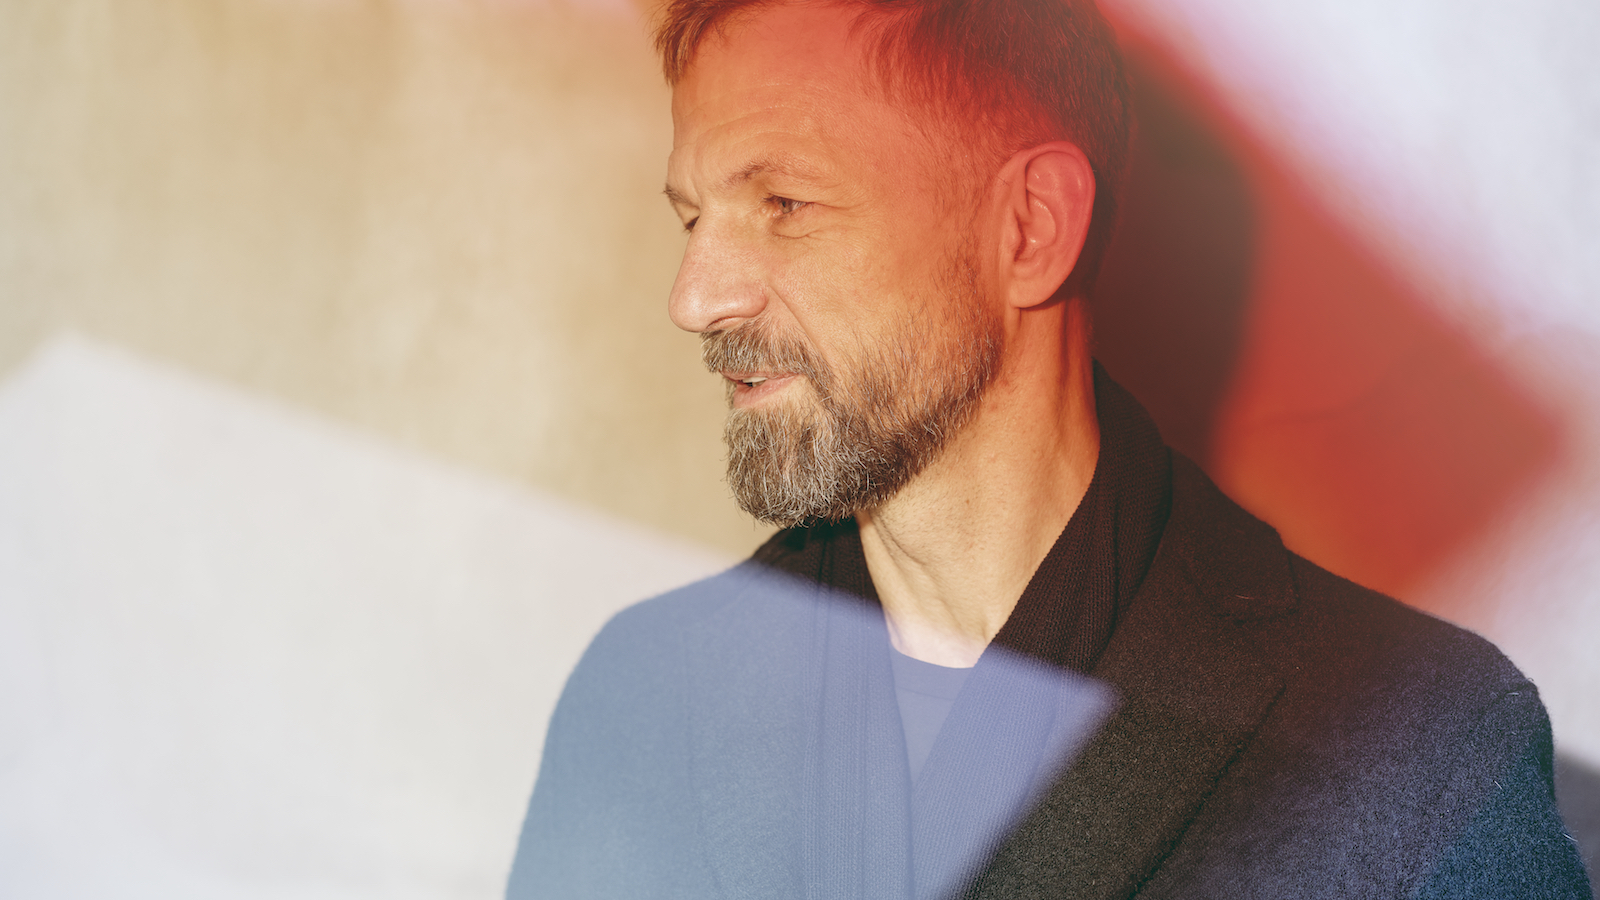 """Anders Krab-Johansen om Danmark efter finanskrisen: """"Folk vogter ligesom på hinanden. Det ser jeg som en konsekvens af, at de, der var lidt for smarte, fik nogle ordentlige tæsk"""""""